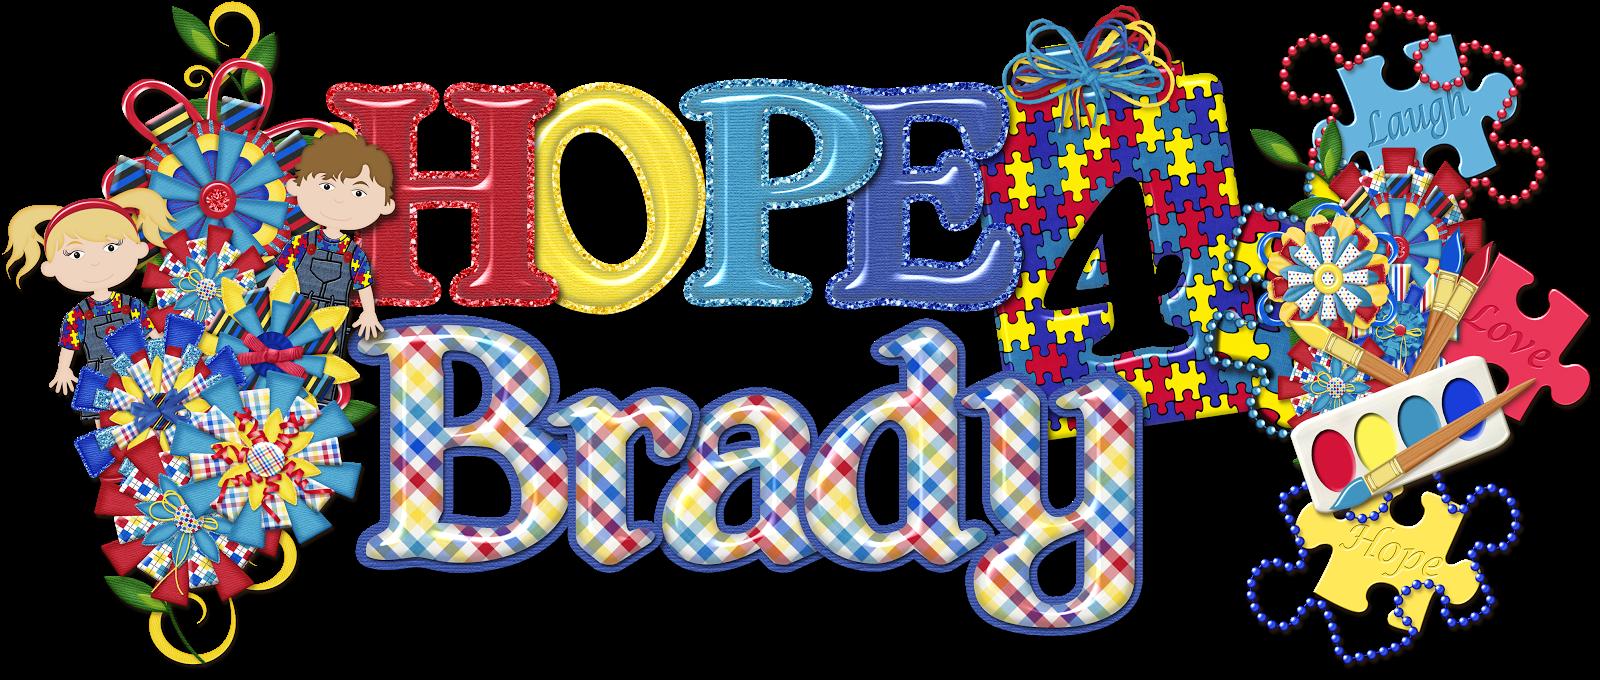 Hope 4 Brady